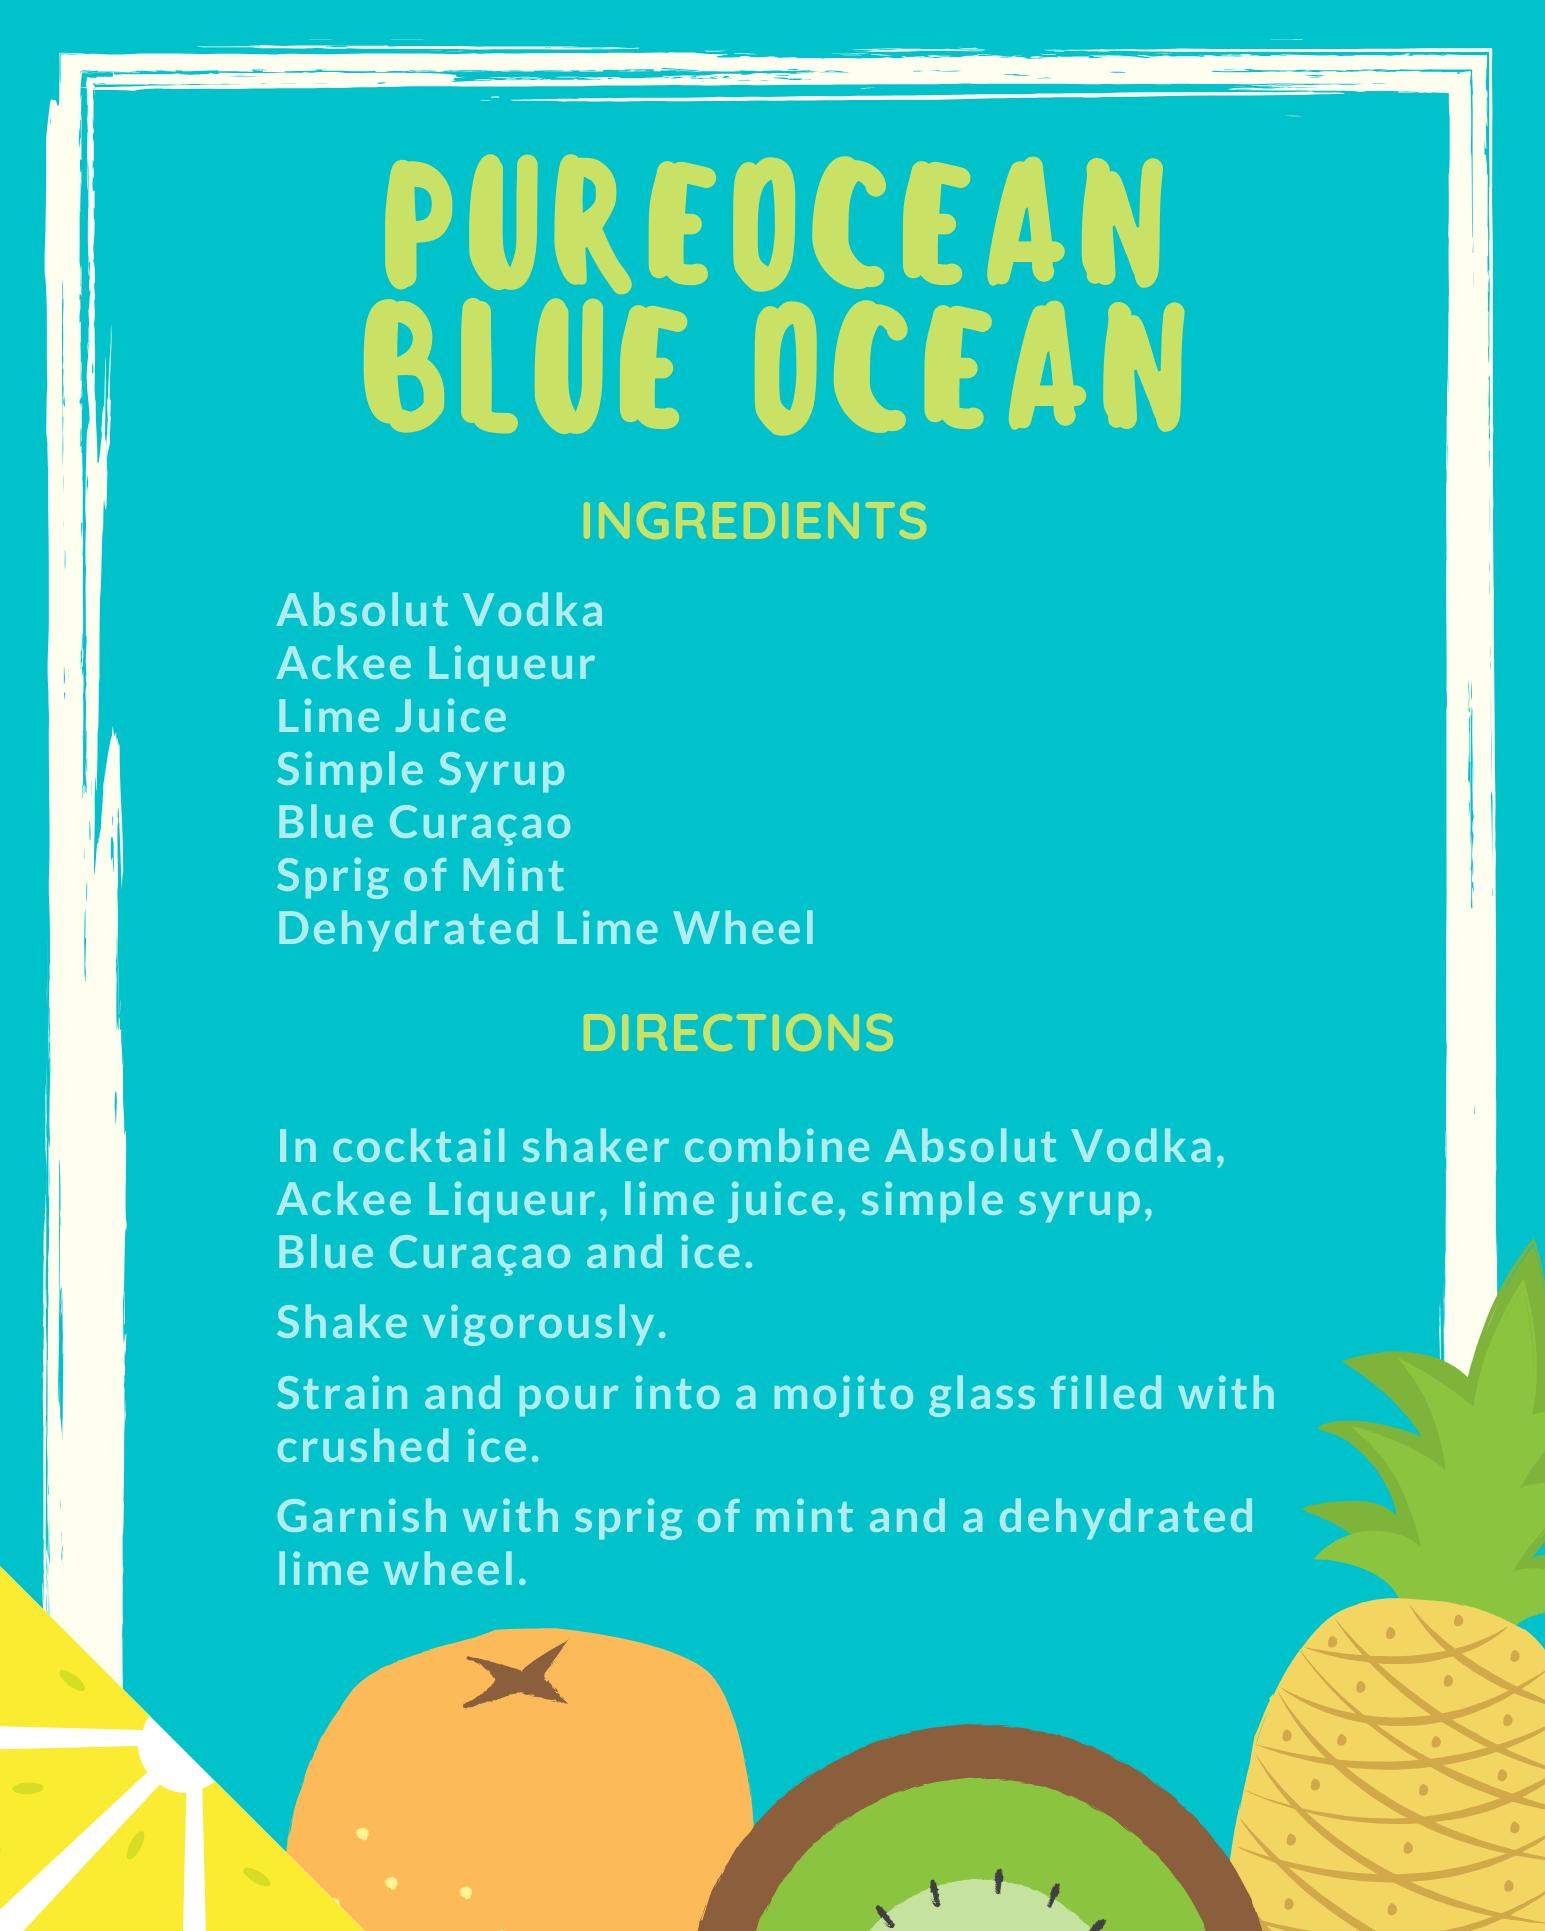 Pureocean Blue Ocean